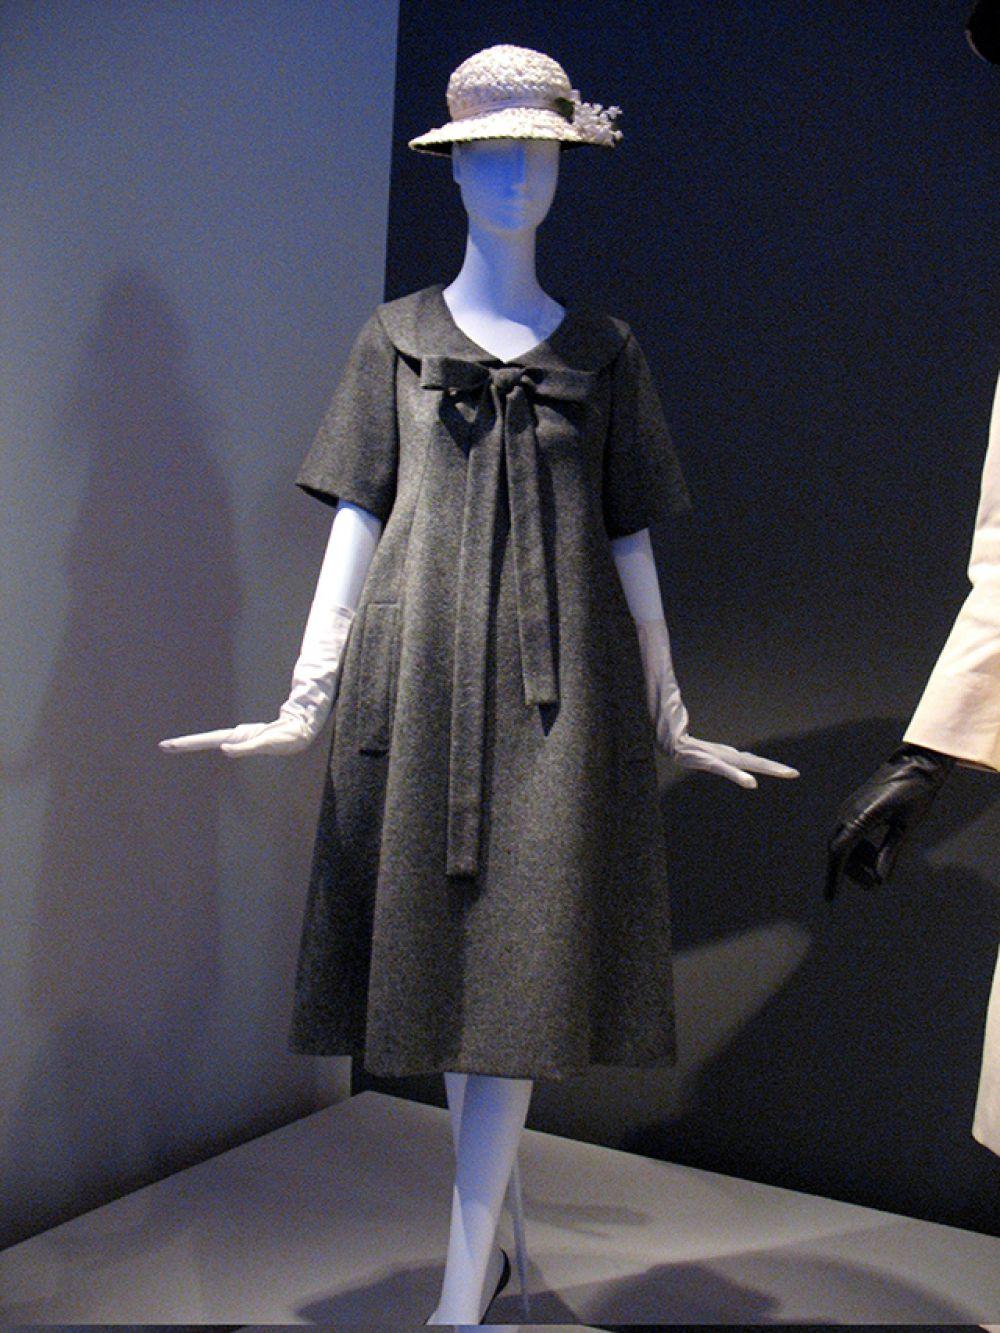 Первая официальная коллекция Ив Сен-Лорана, которую он представил миру в январе 1958 года как глава модного дома Dior, произвела настоящий фурор в мире моды. Модная публика привыкла к знаменитому диоровскому «почерку» — женственные платья с приталенными пышными силуэтами. Вместо этого молодой Сен-Лоран выводит на подиум моделей в непривычных для того времени коротких трапециевидных платьях, которые становятся модным символом 60-х годов.